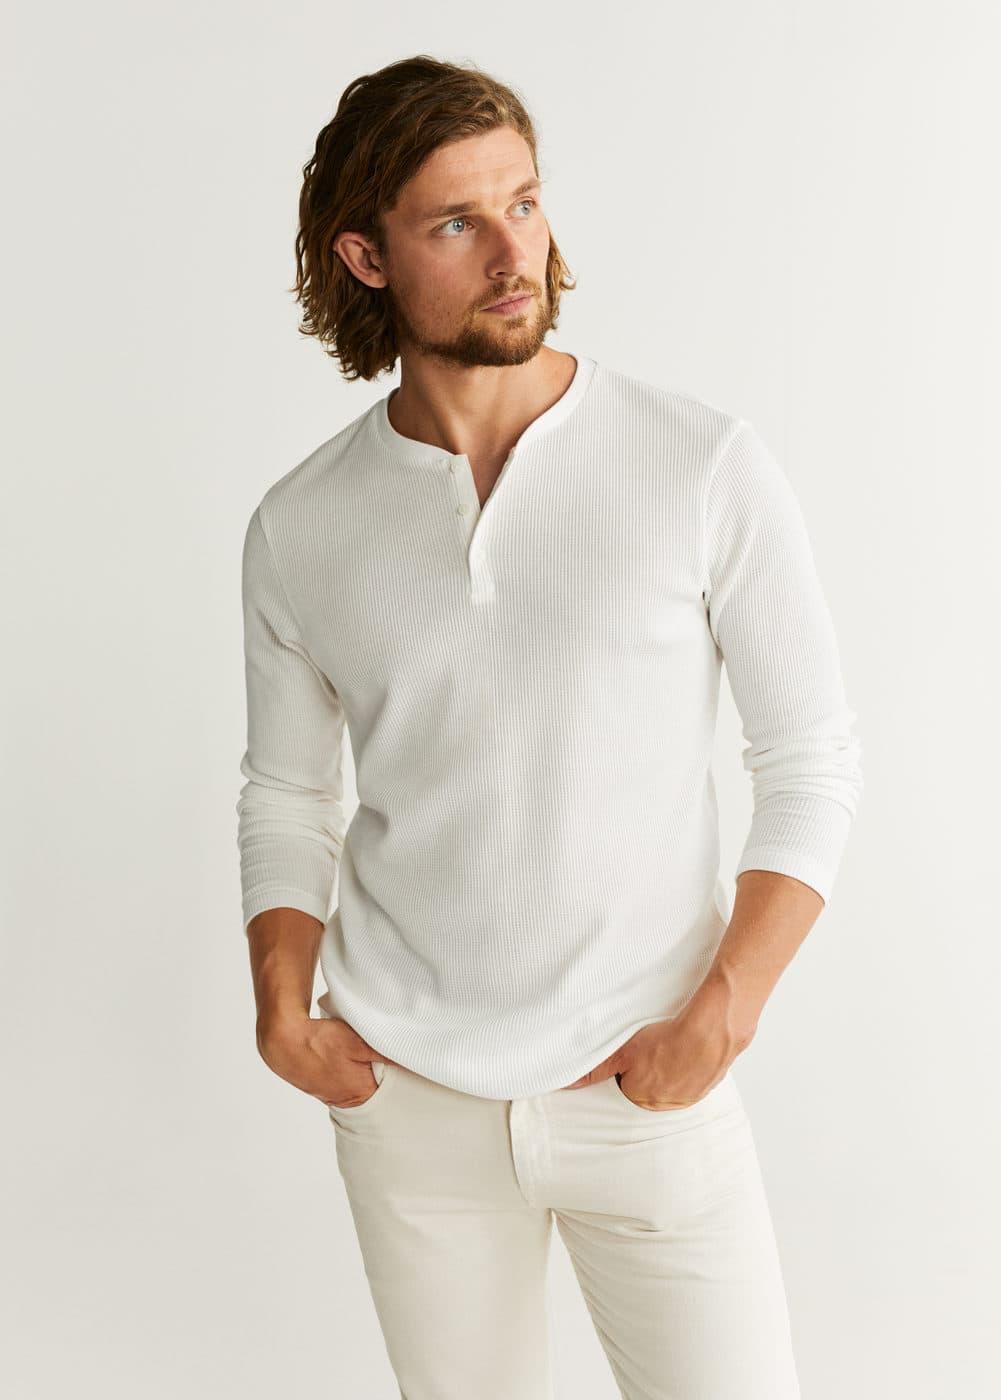 h-oliver:camiseta cuello panadero estructura